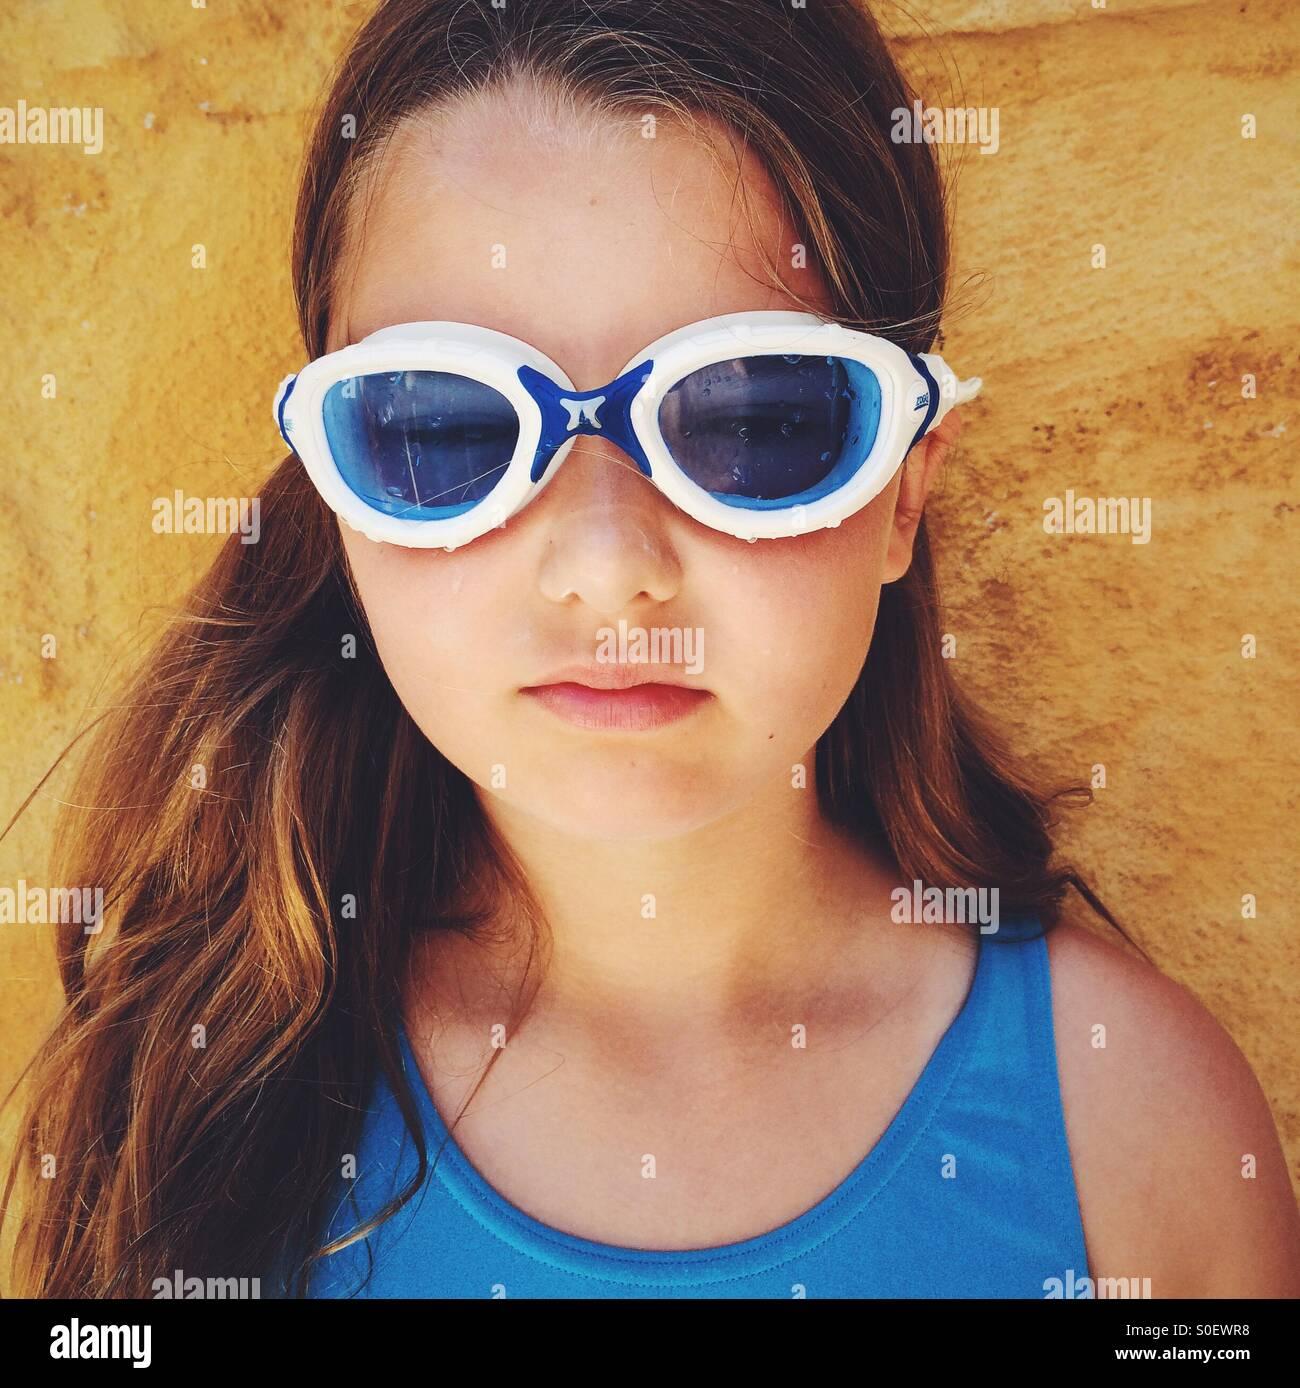 Niña, vestida con gafas de natación y un bañador azul. Imagen De Stock